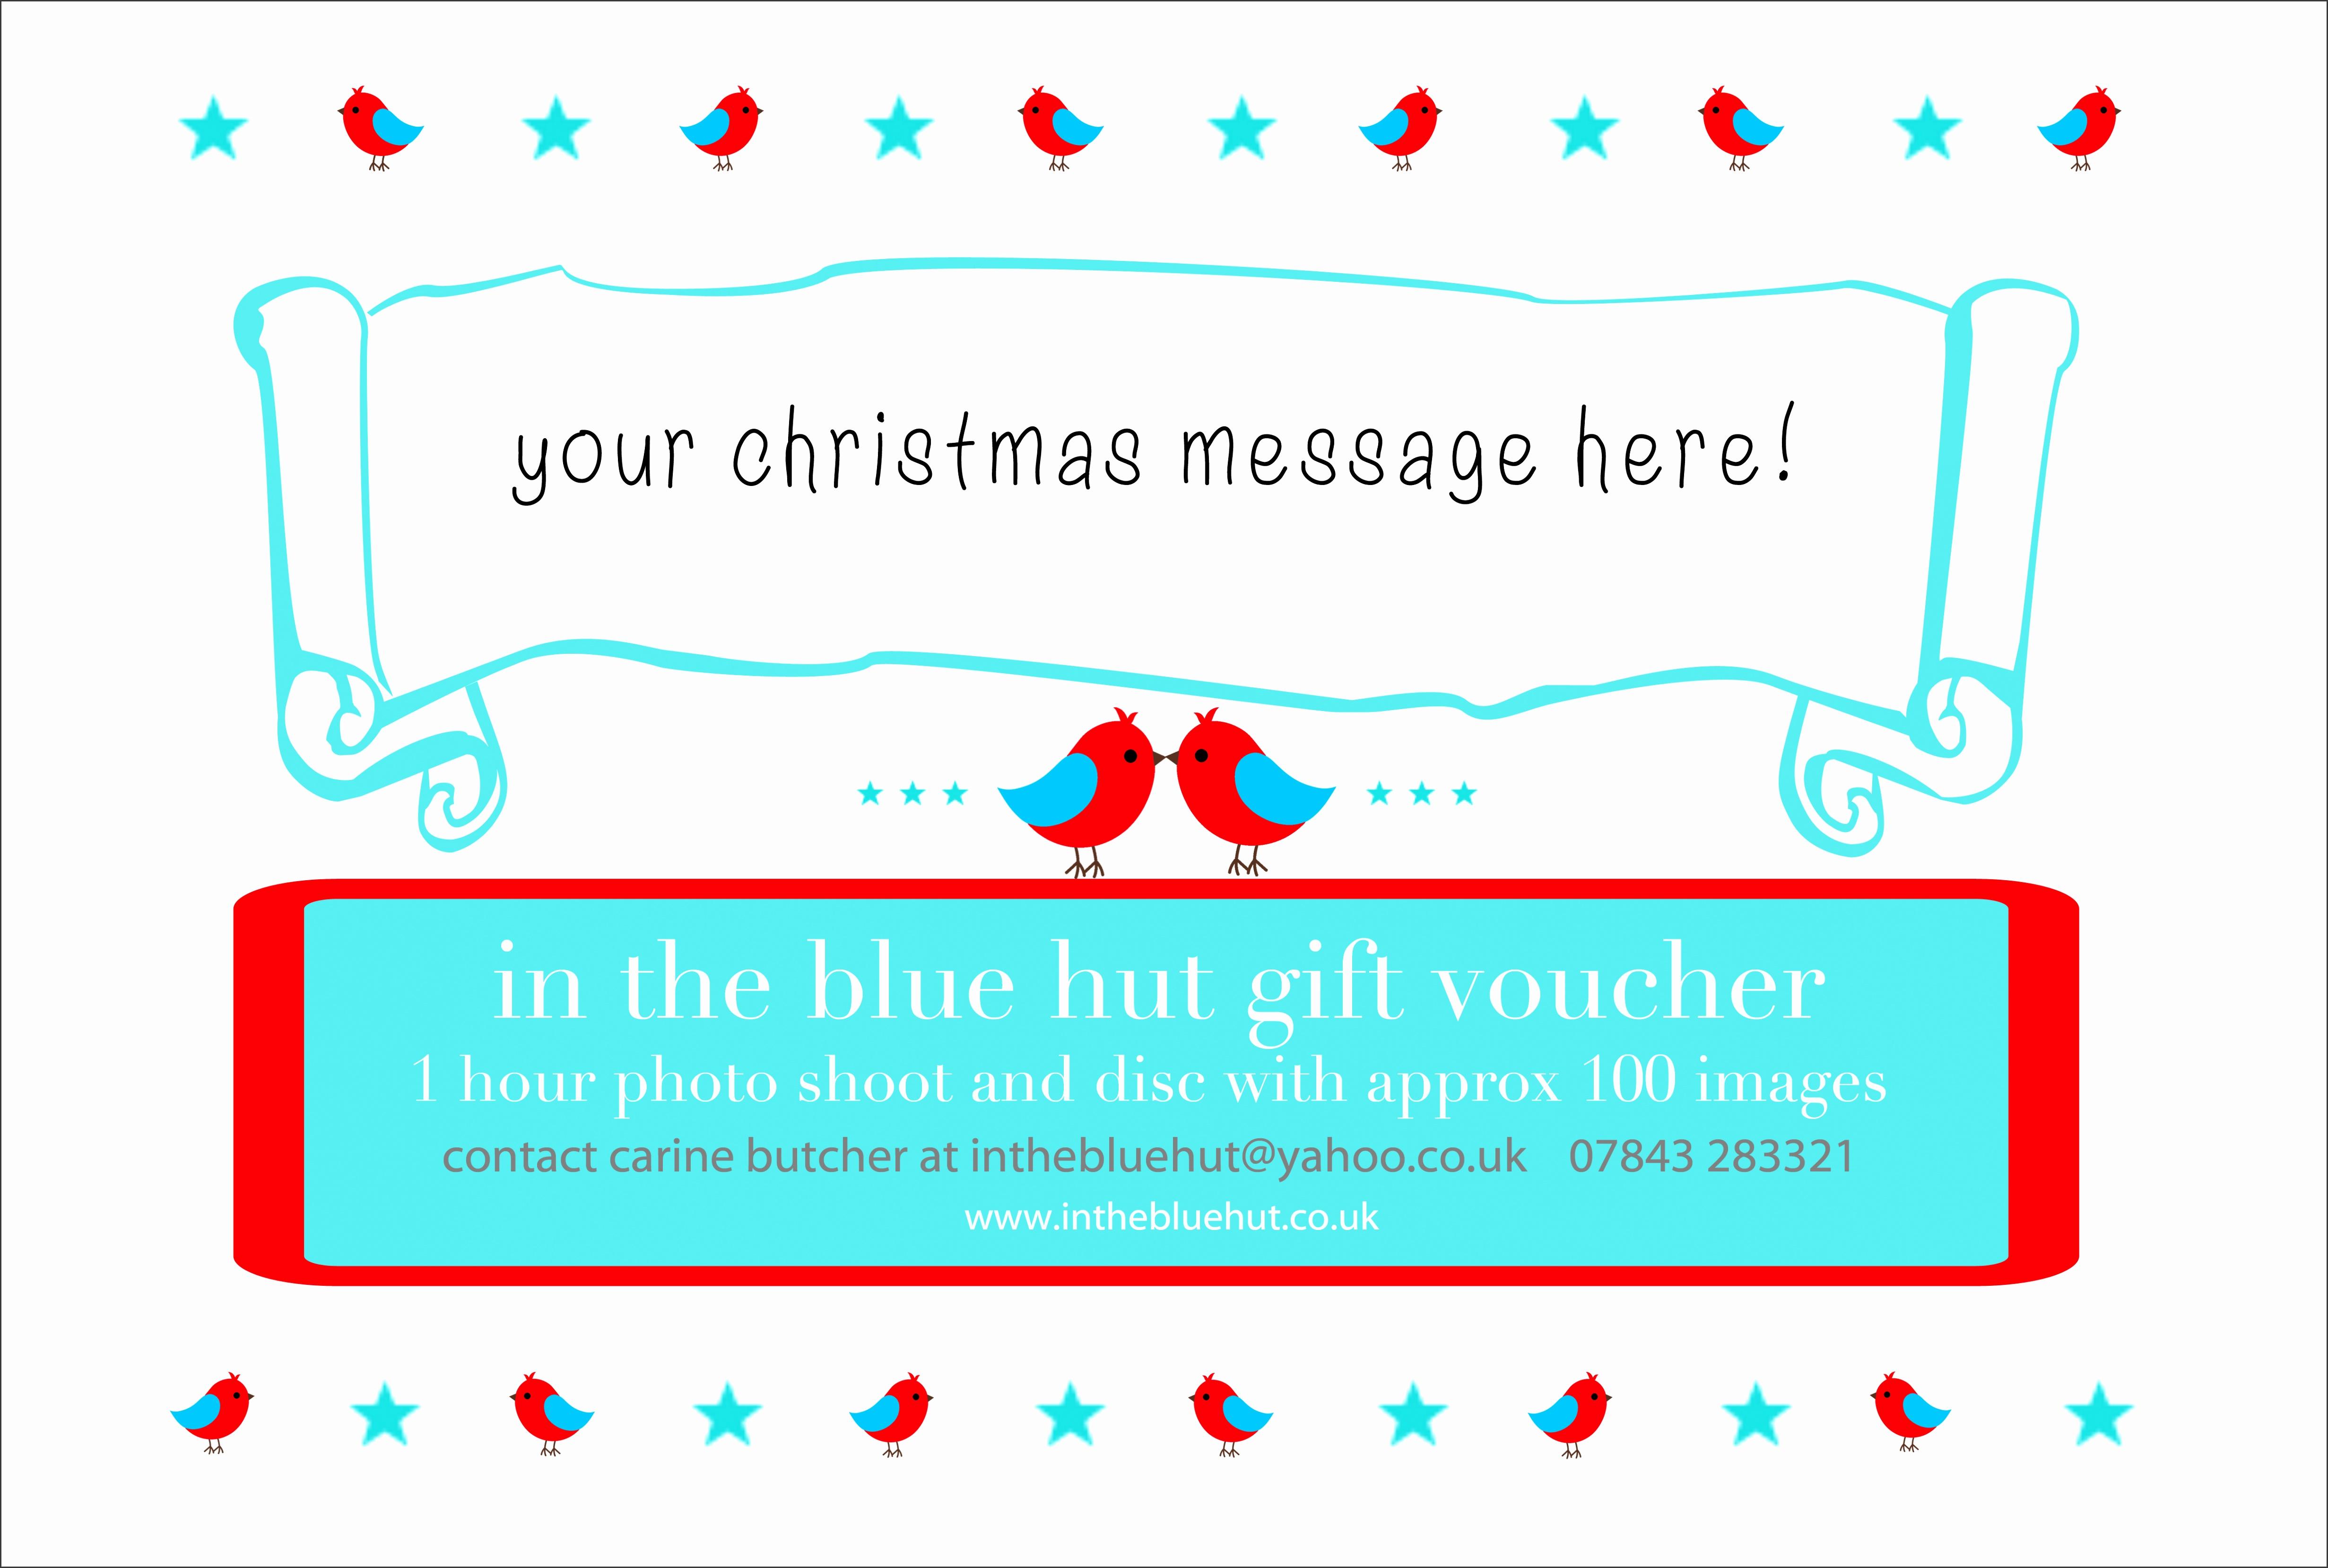 Christmas2013 t voucher template